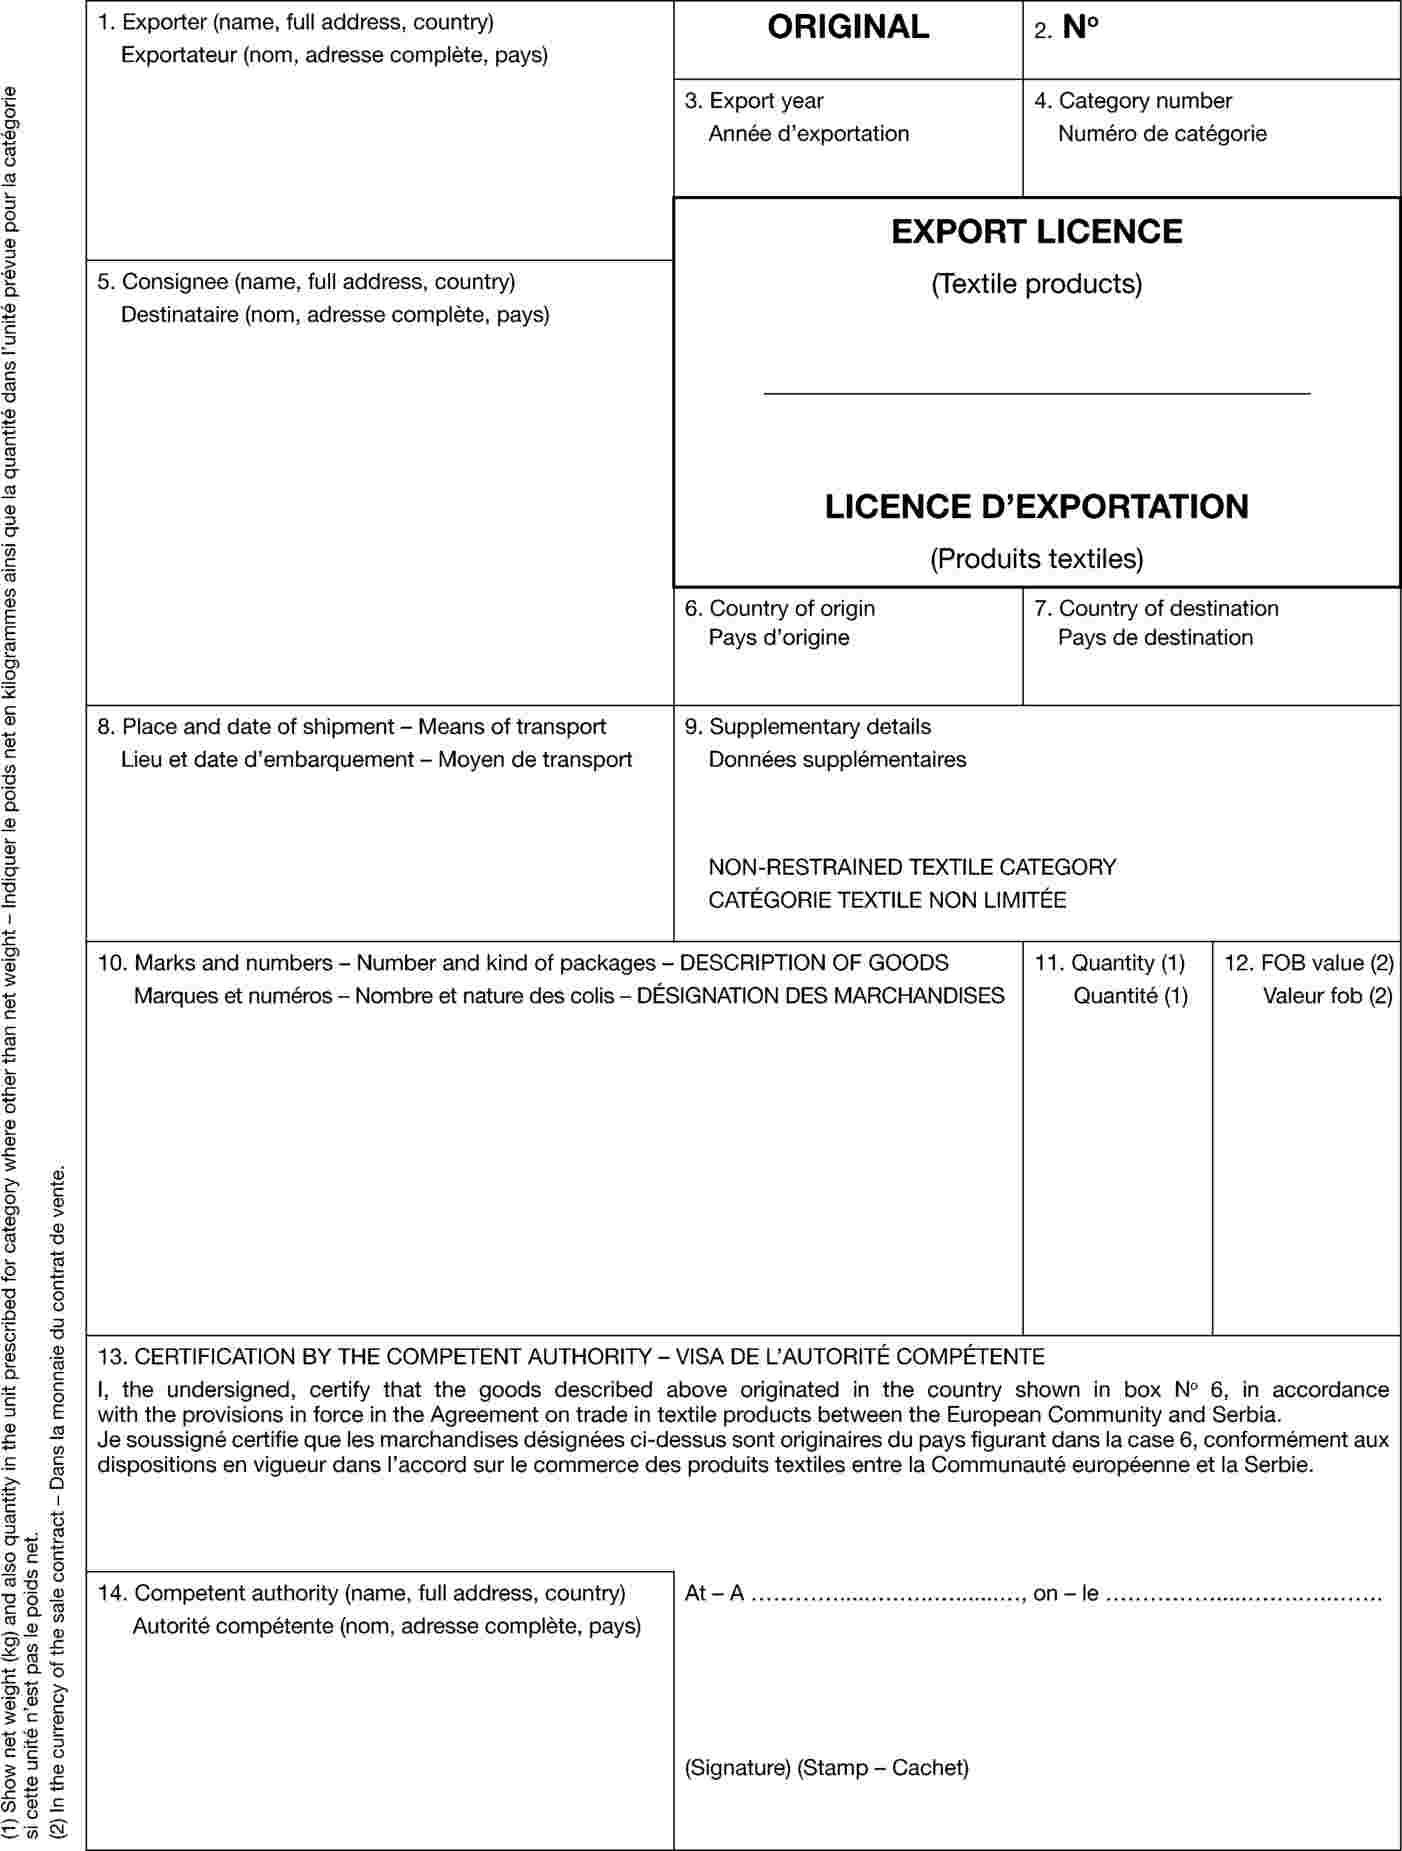 Großartig Kleinkind Zeitplan Vorlage Fotos - Entry Level Resume ...